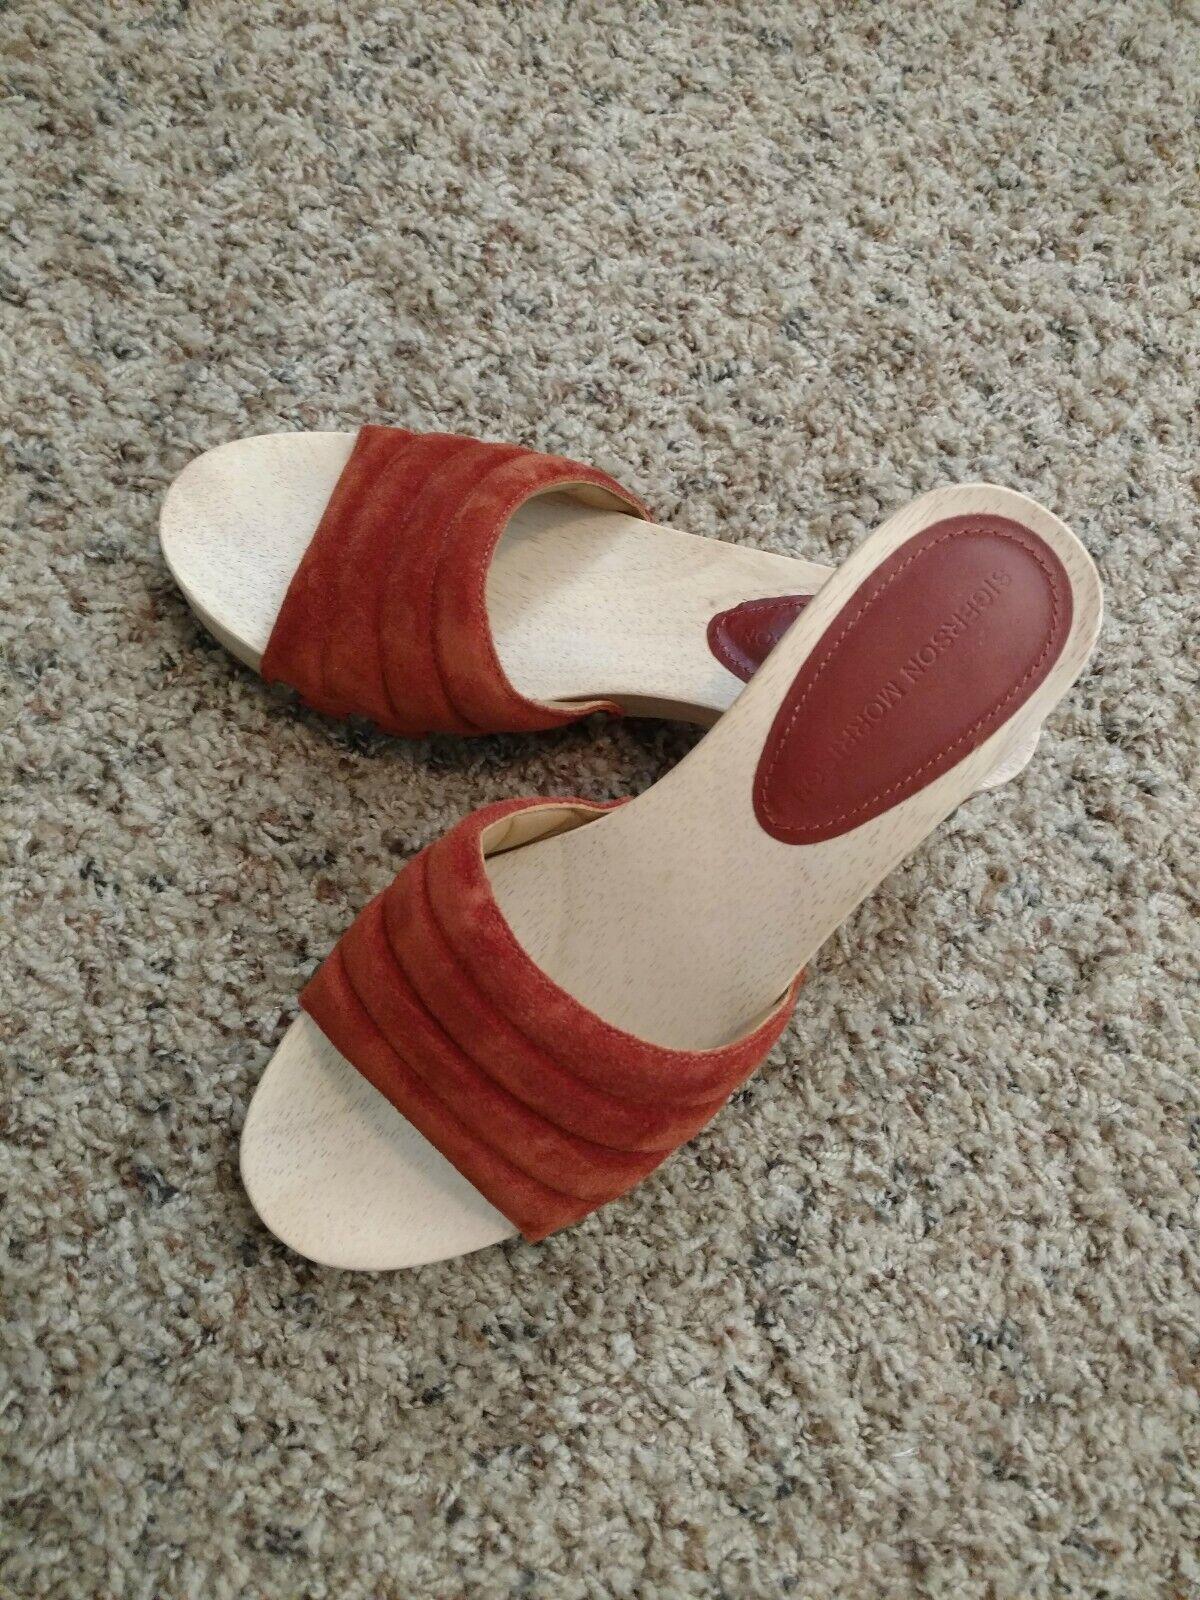 Holz Leder Slide Morrison Sigerson Sandal Paprika NWOB 7